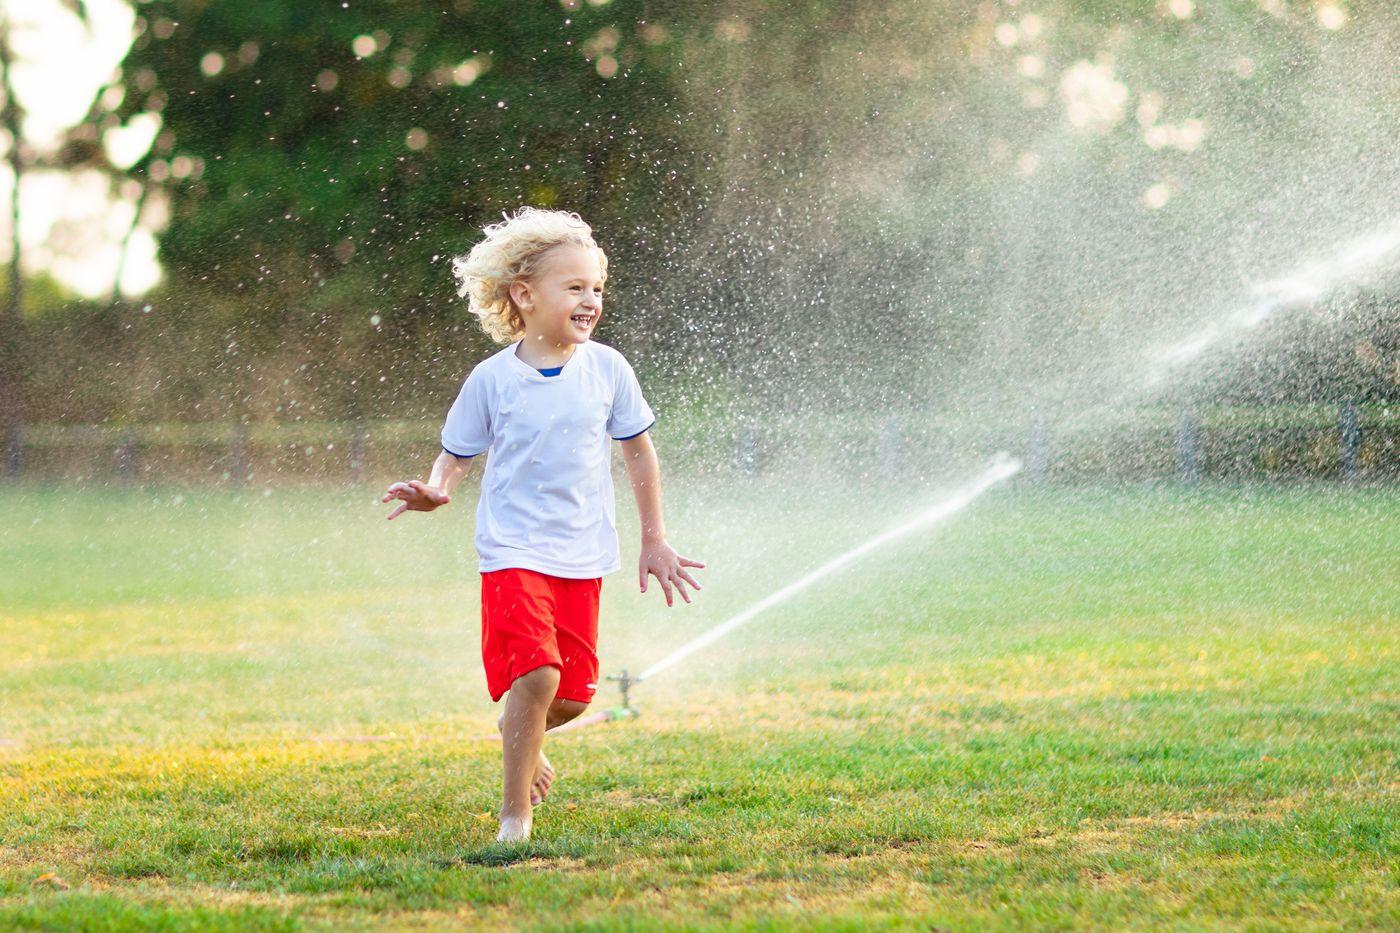 sprinkler photo.jpg